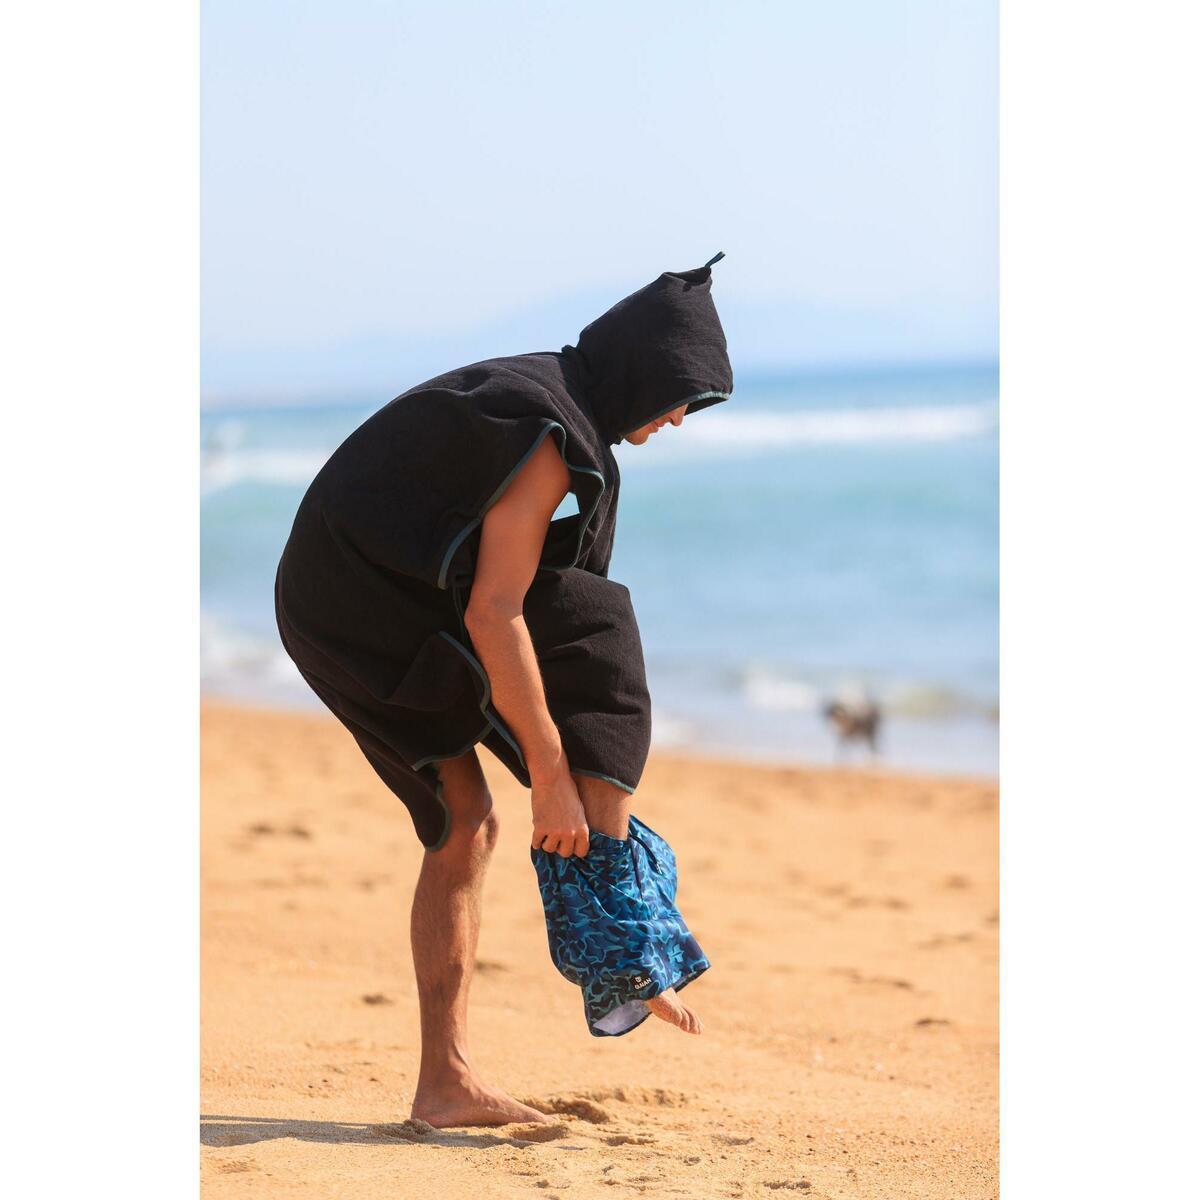 Bild 2 von Surf-Poncho 500 Erwachsene schwarz/blau